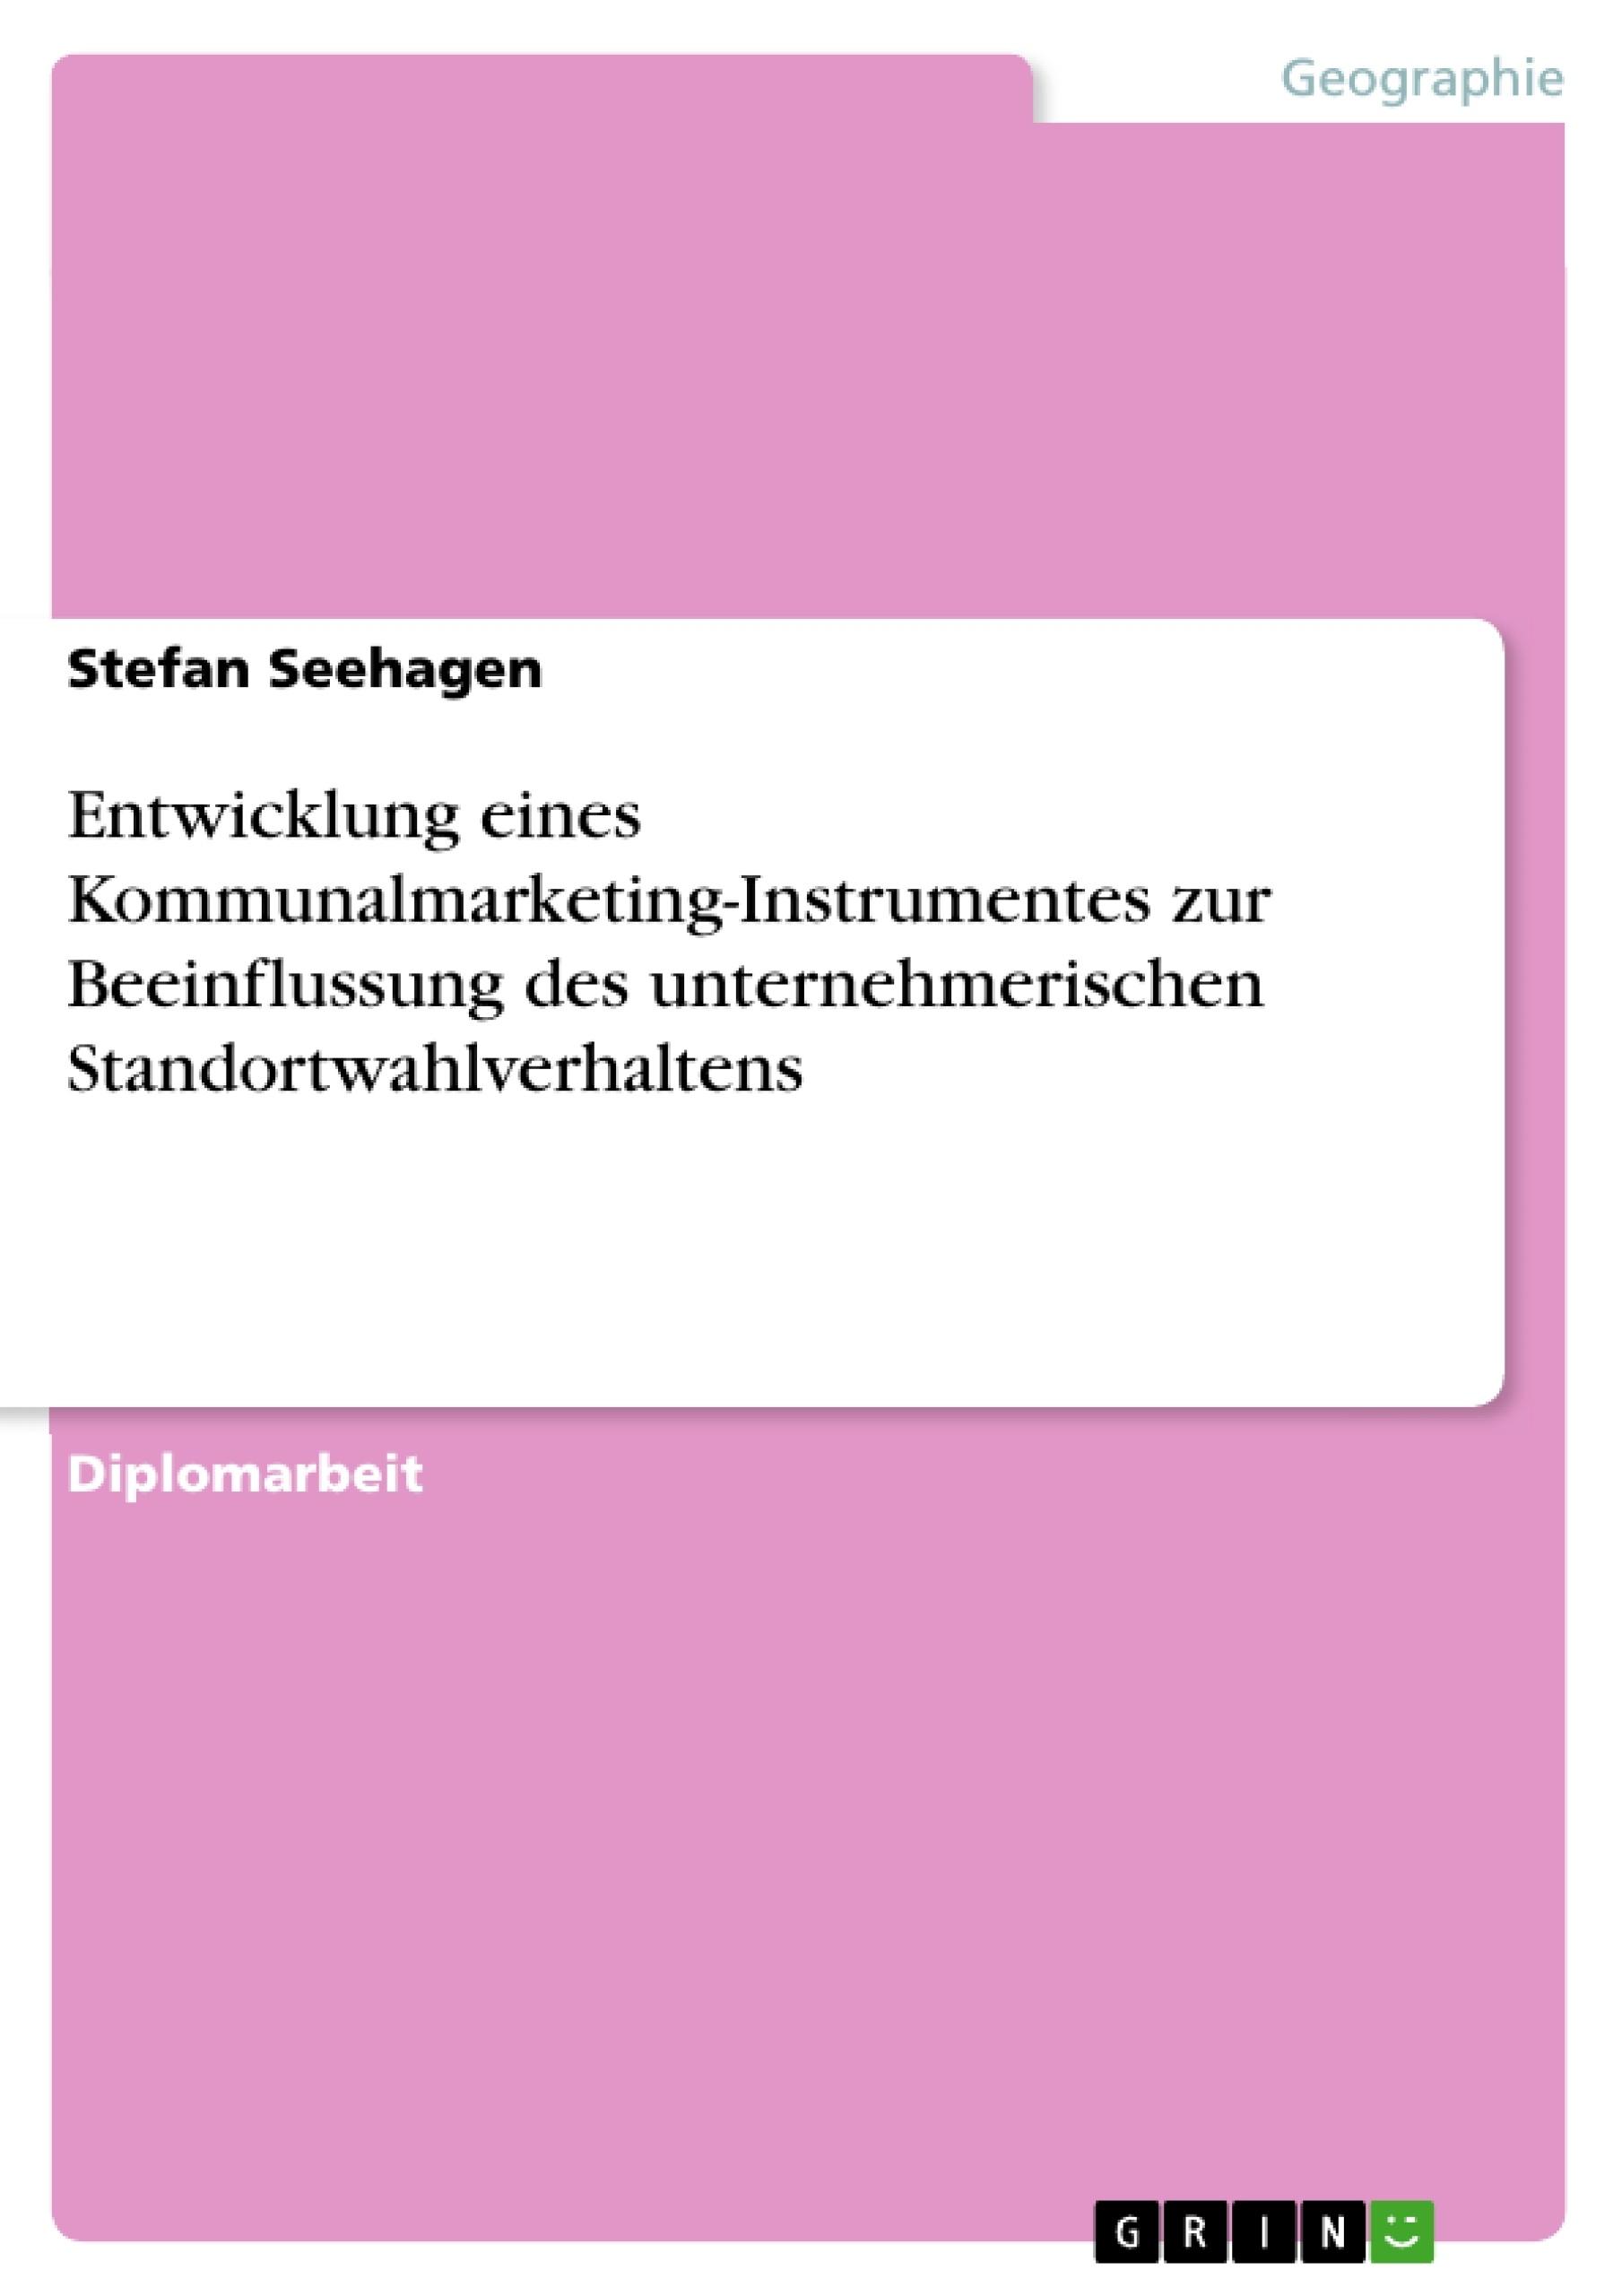 Titel: Entwicklung eines Kommunalmarketing-Instrumentes zur Beeinflussung des unternehmerischen Standortwahlverhaltens